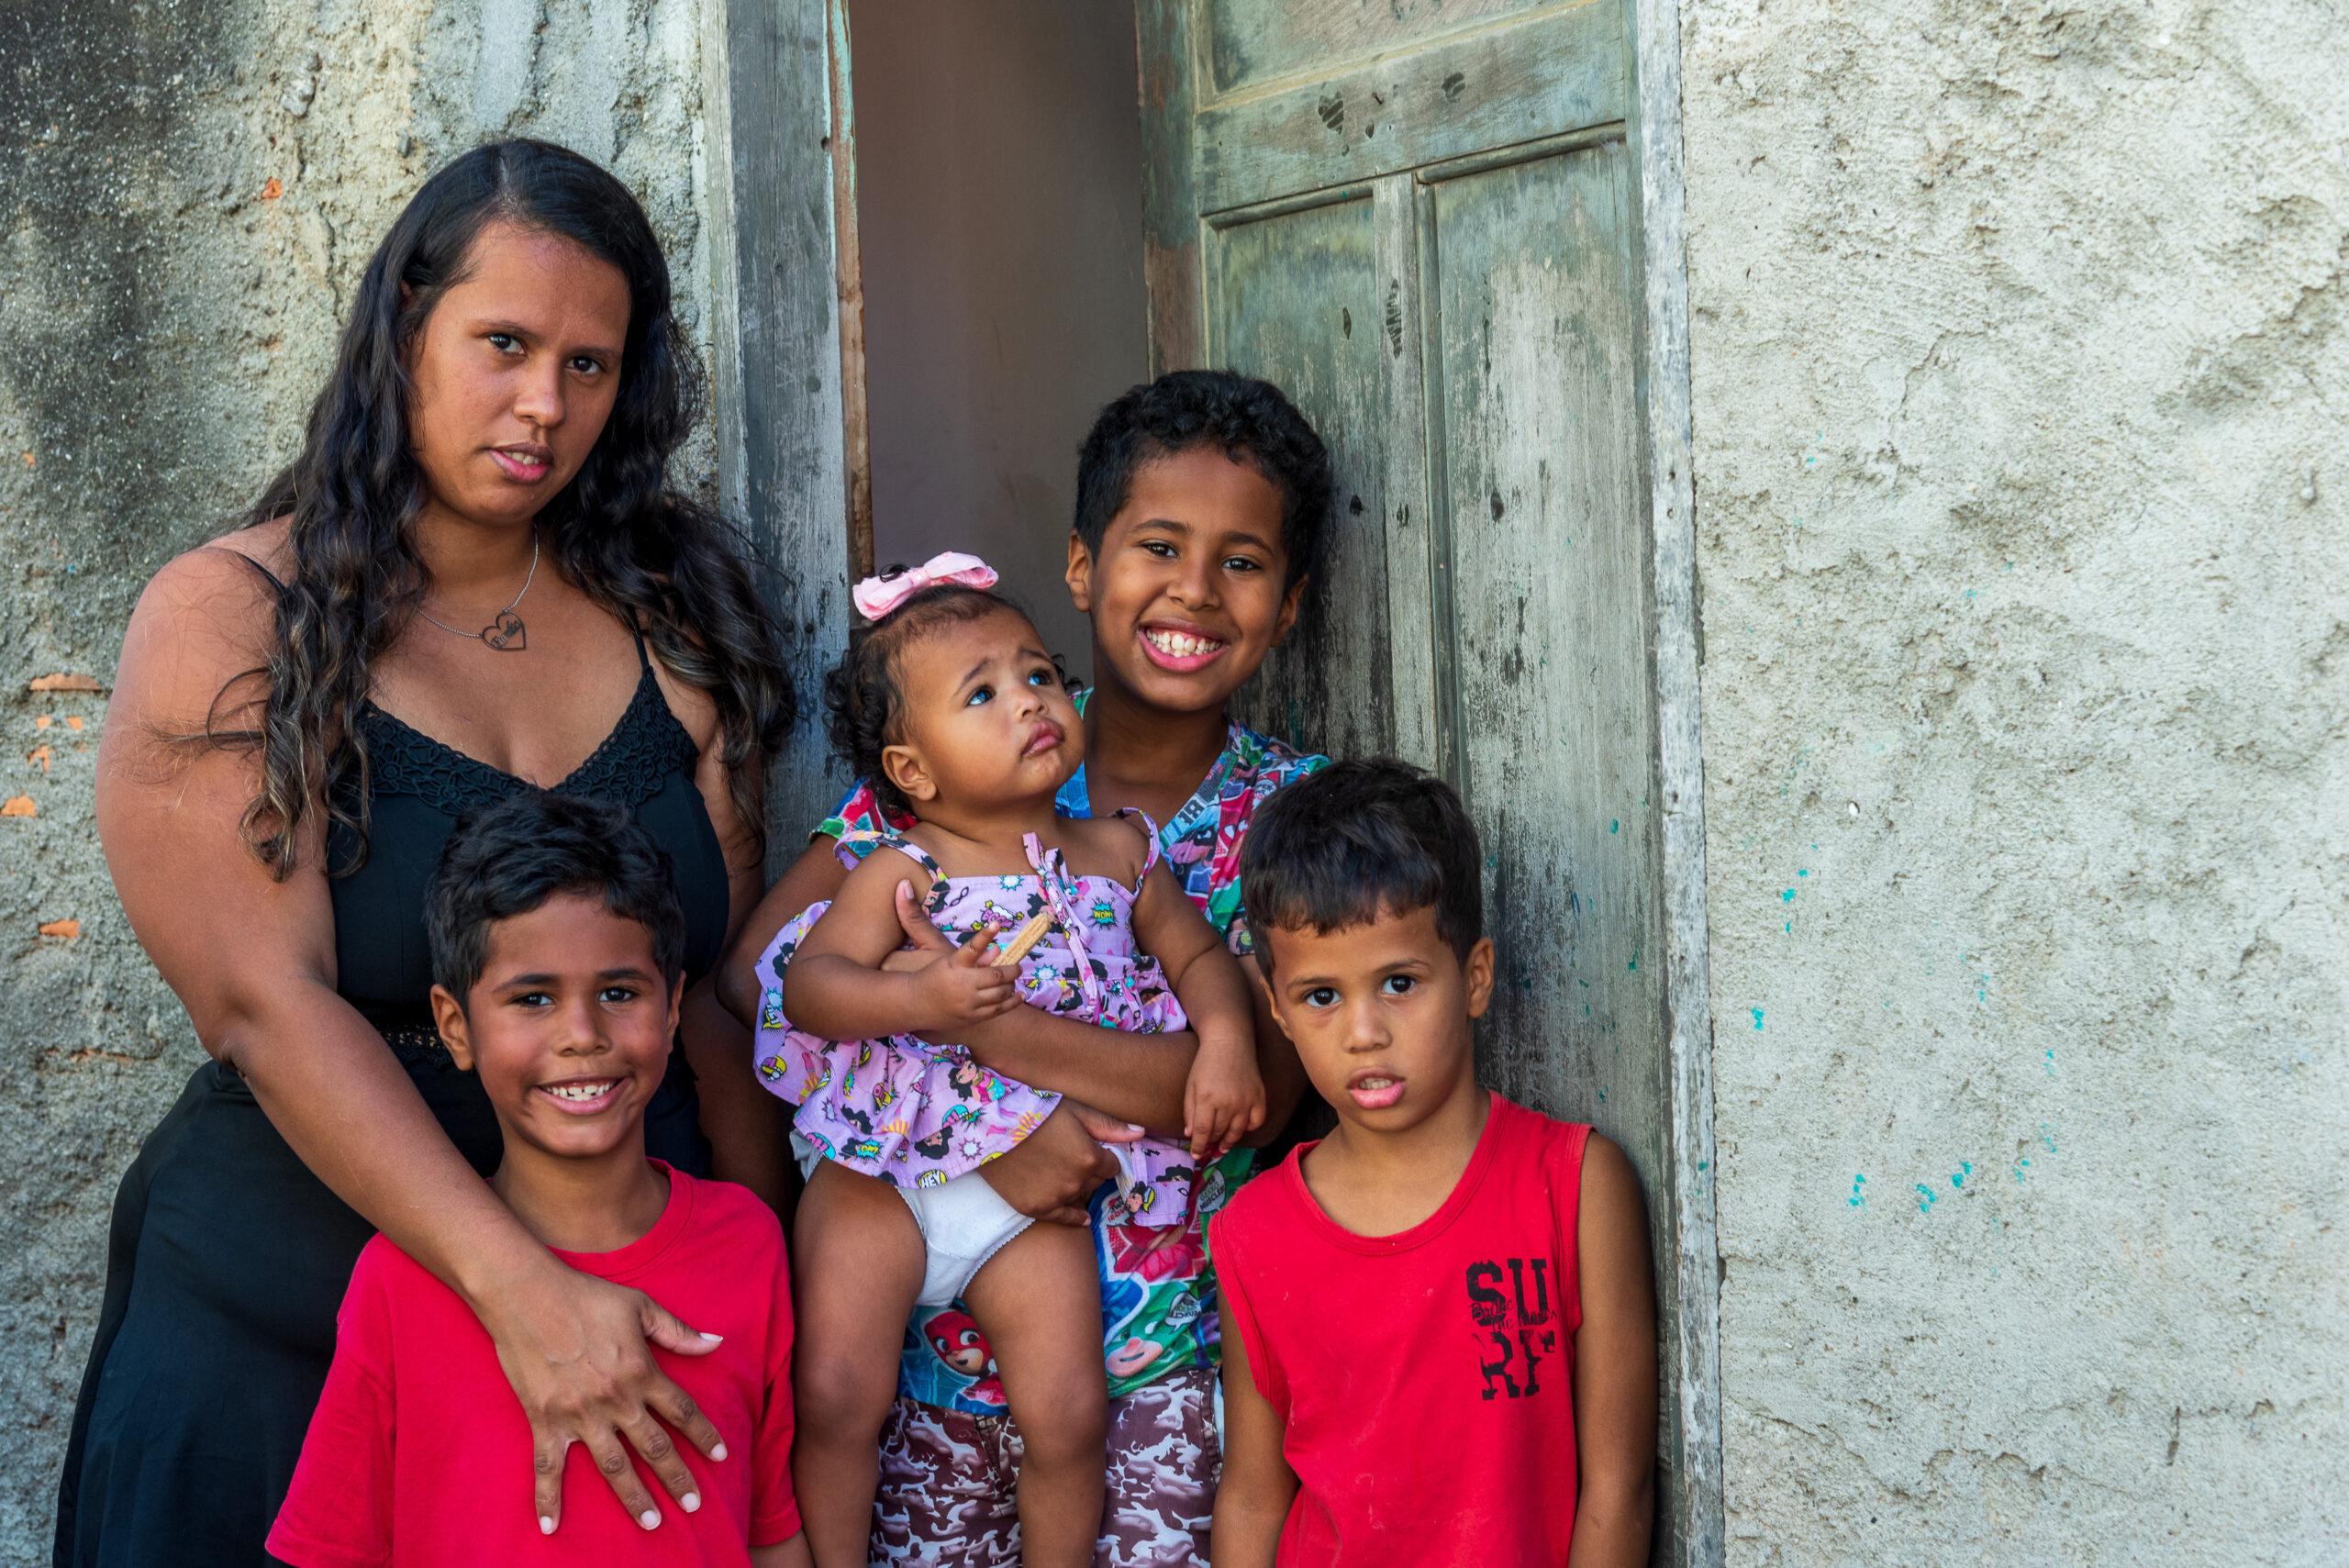 Mães de favela lutam para que seus filhos tenham acesso à educação